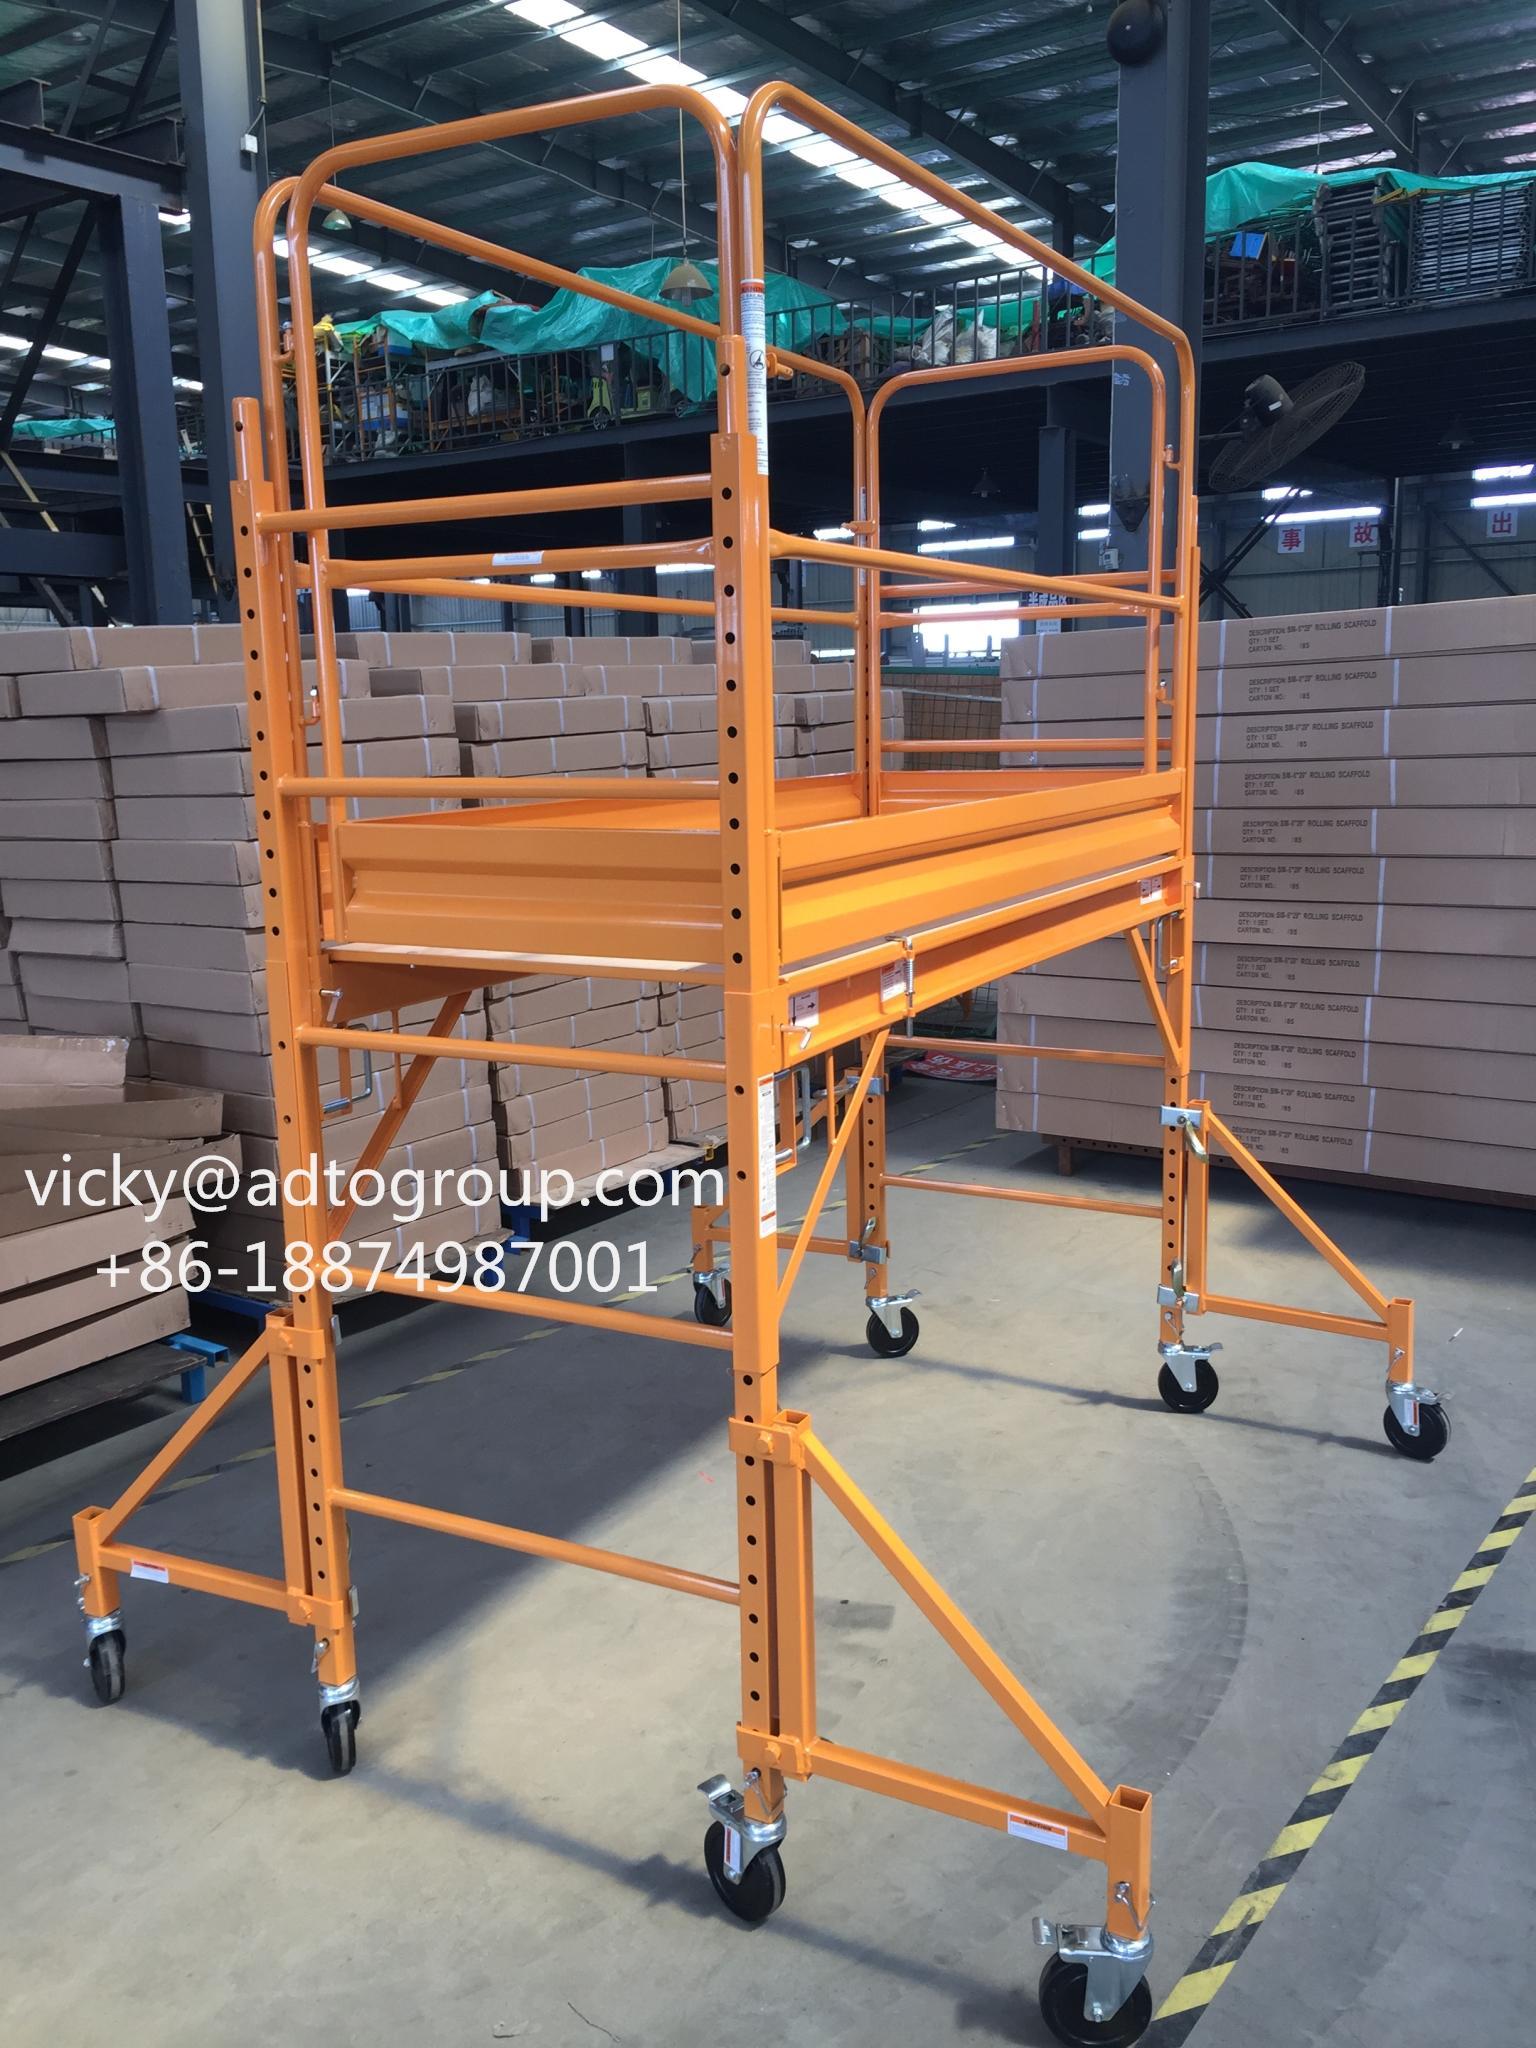 6'Multi-function Scaffold 6' Mobile Scaffold rolling scaffold baker scaffold 4